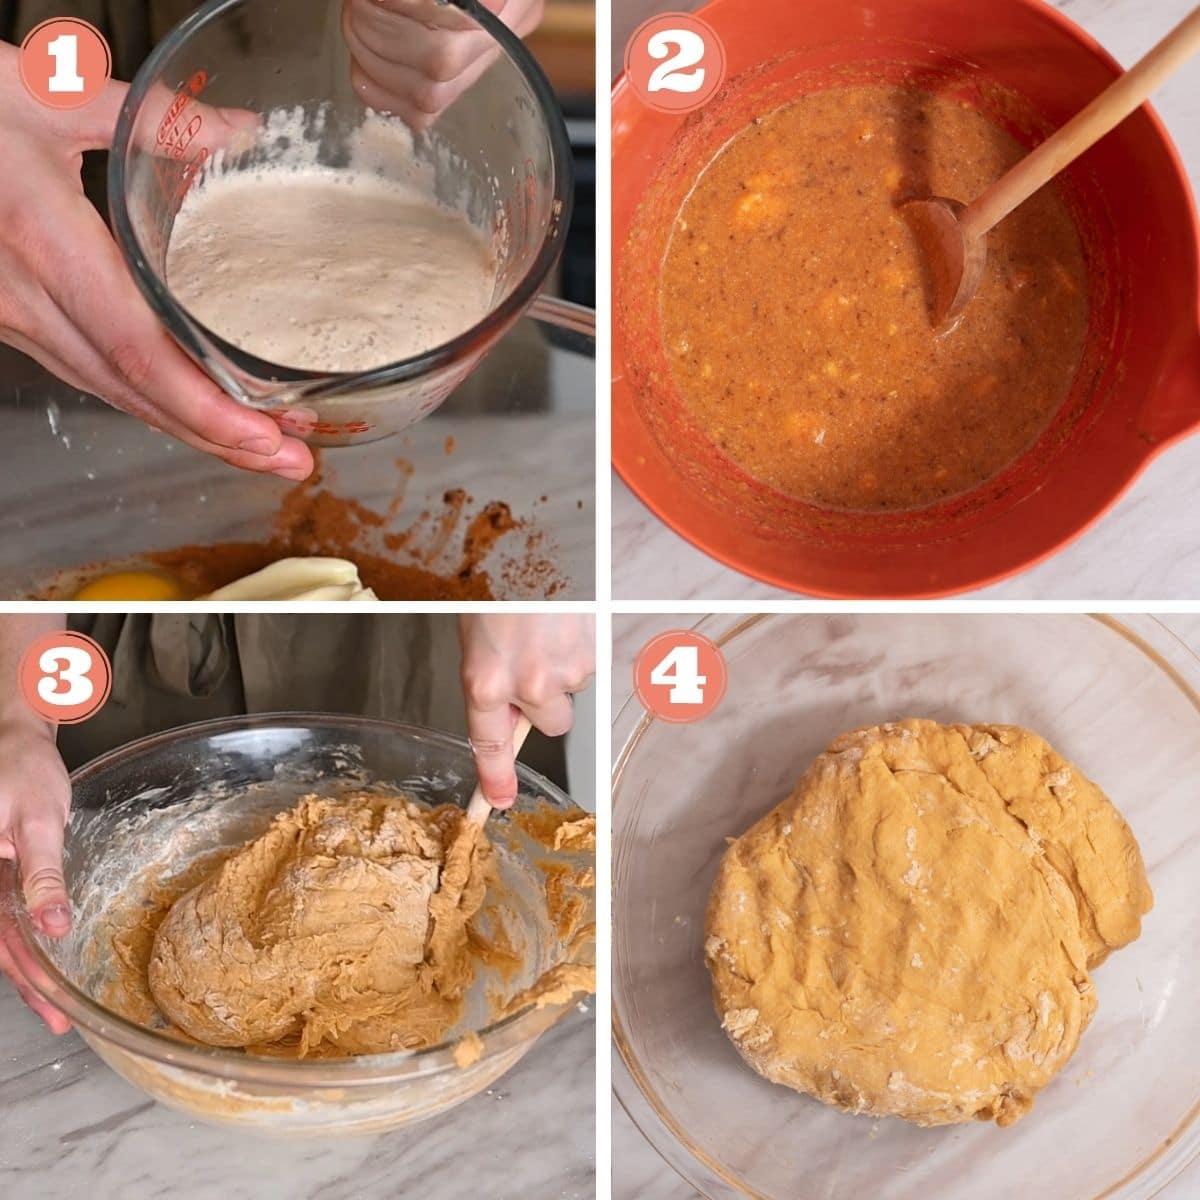 Steps 1 through 4 to make pumpkin cinnamon roll dough